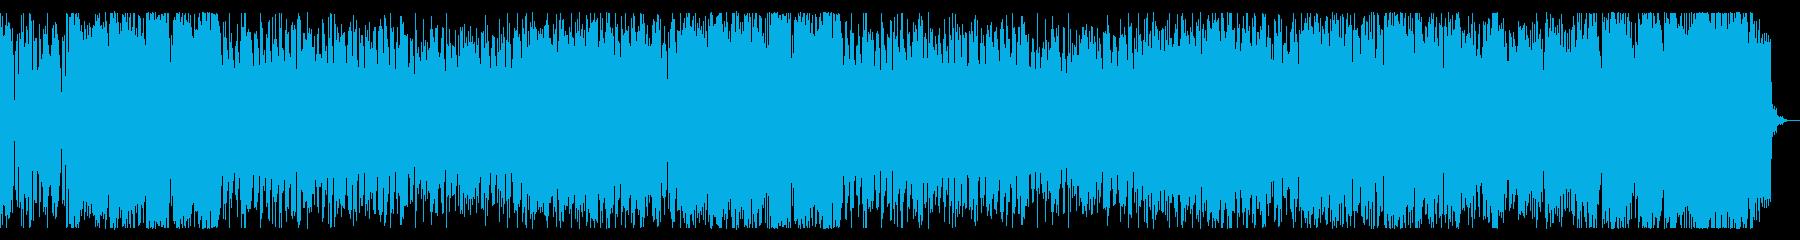 クール、軽快なチップチューンの再生済みの波形